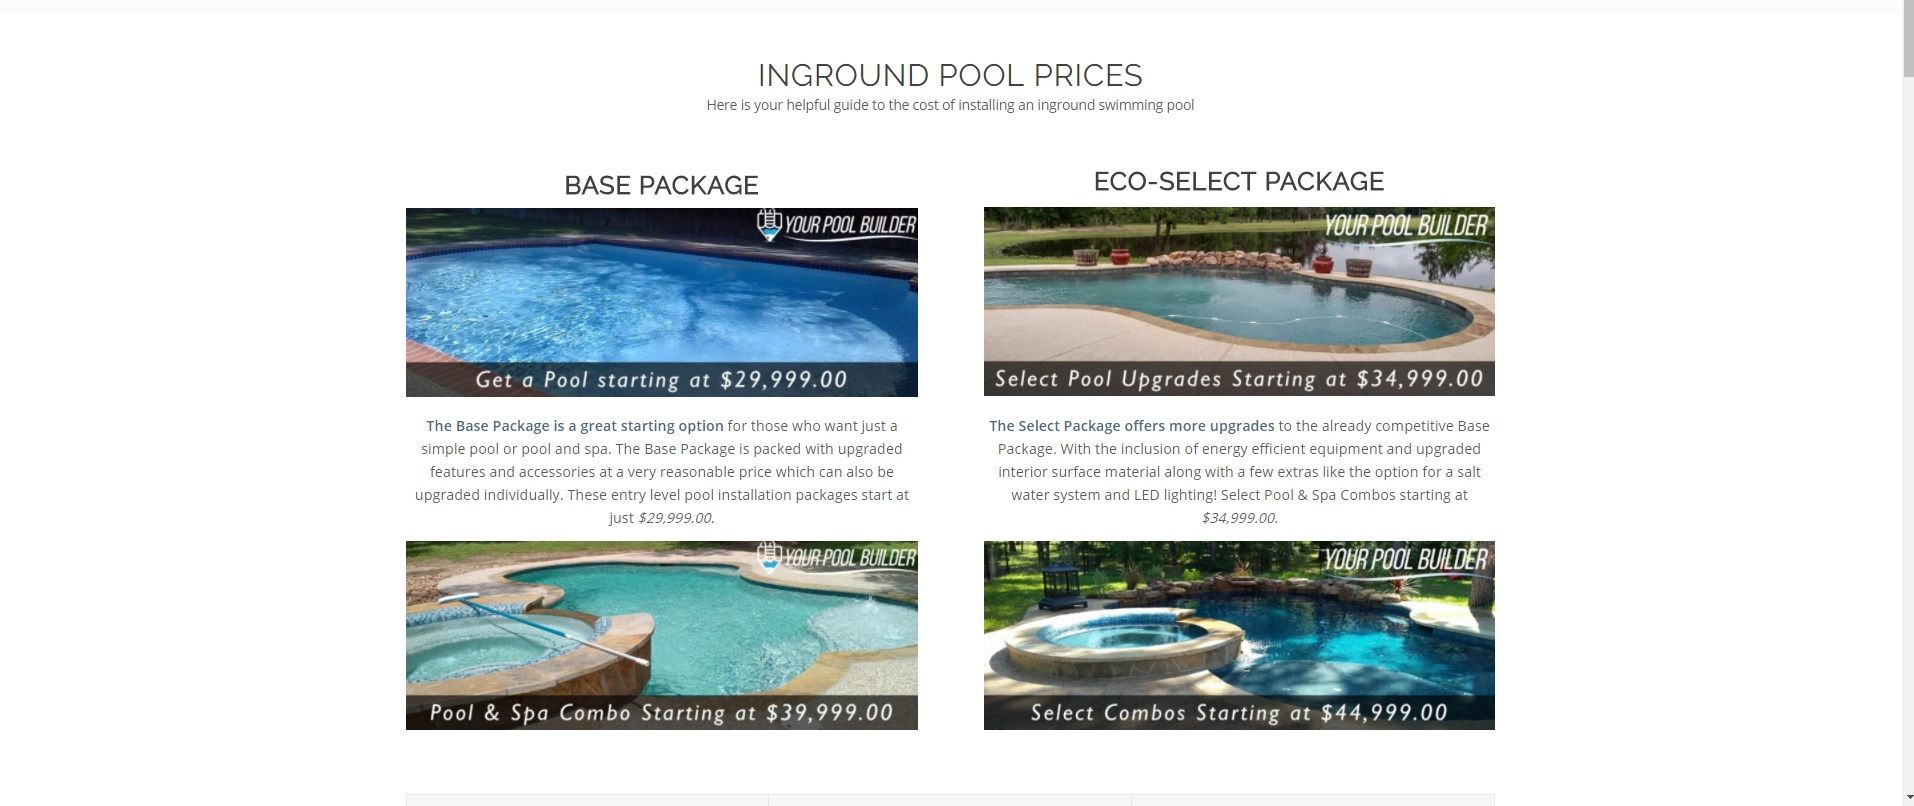 Inground swimming pool design ideas | Inground Pool Prices | Cost ...